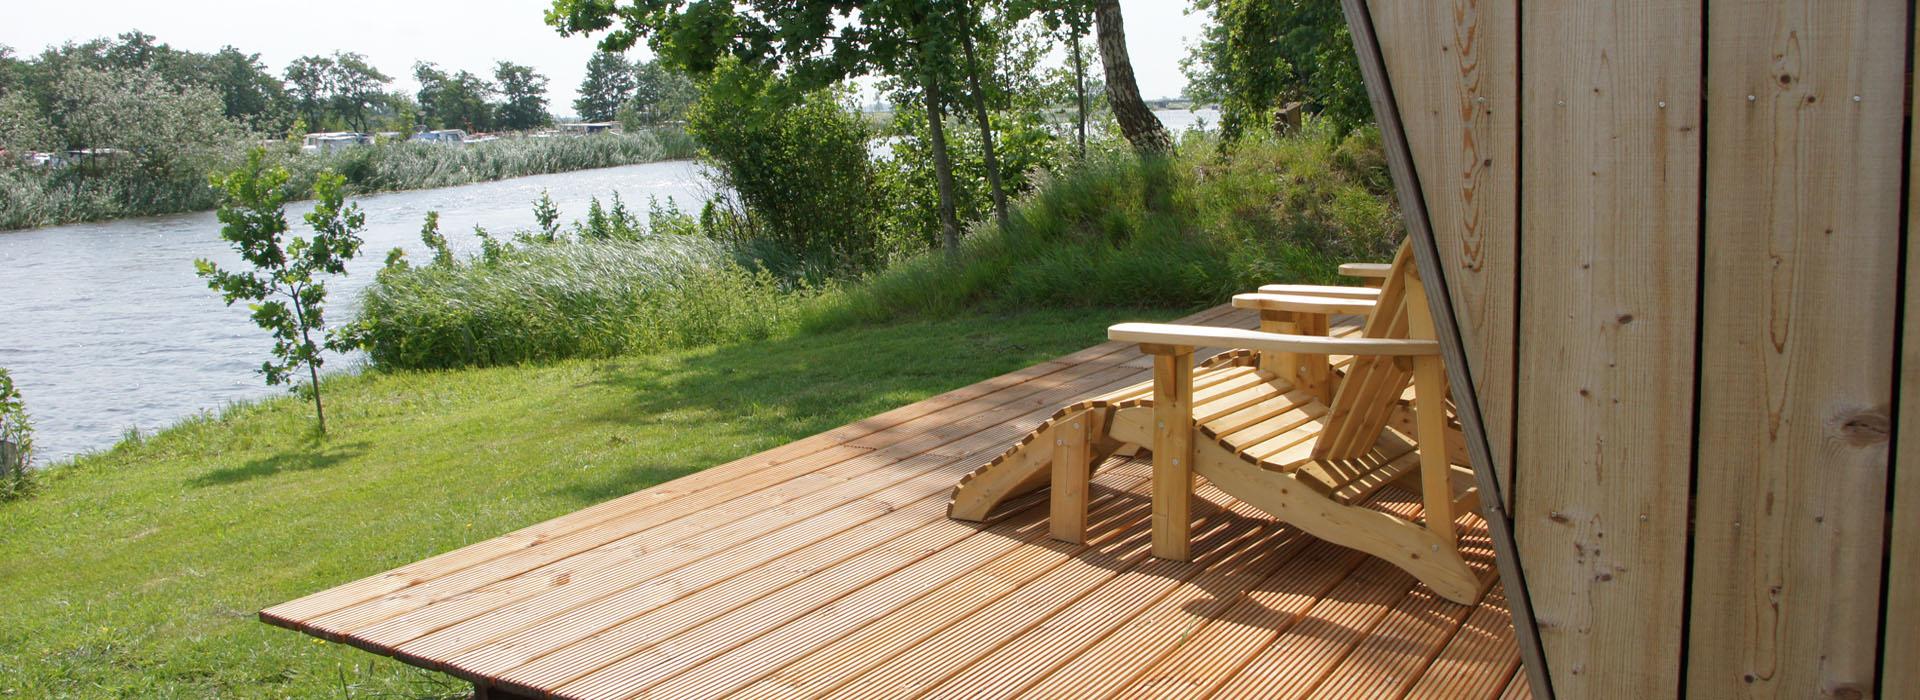 vakantie - friesland - vakantiepark - Ljeppershiem - tiny house - natuurhuisje - De Pols